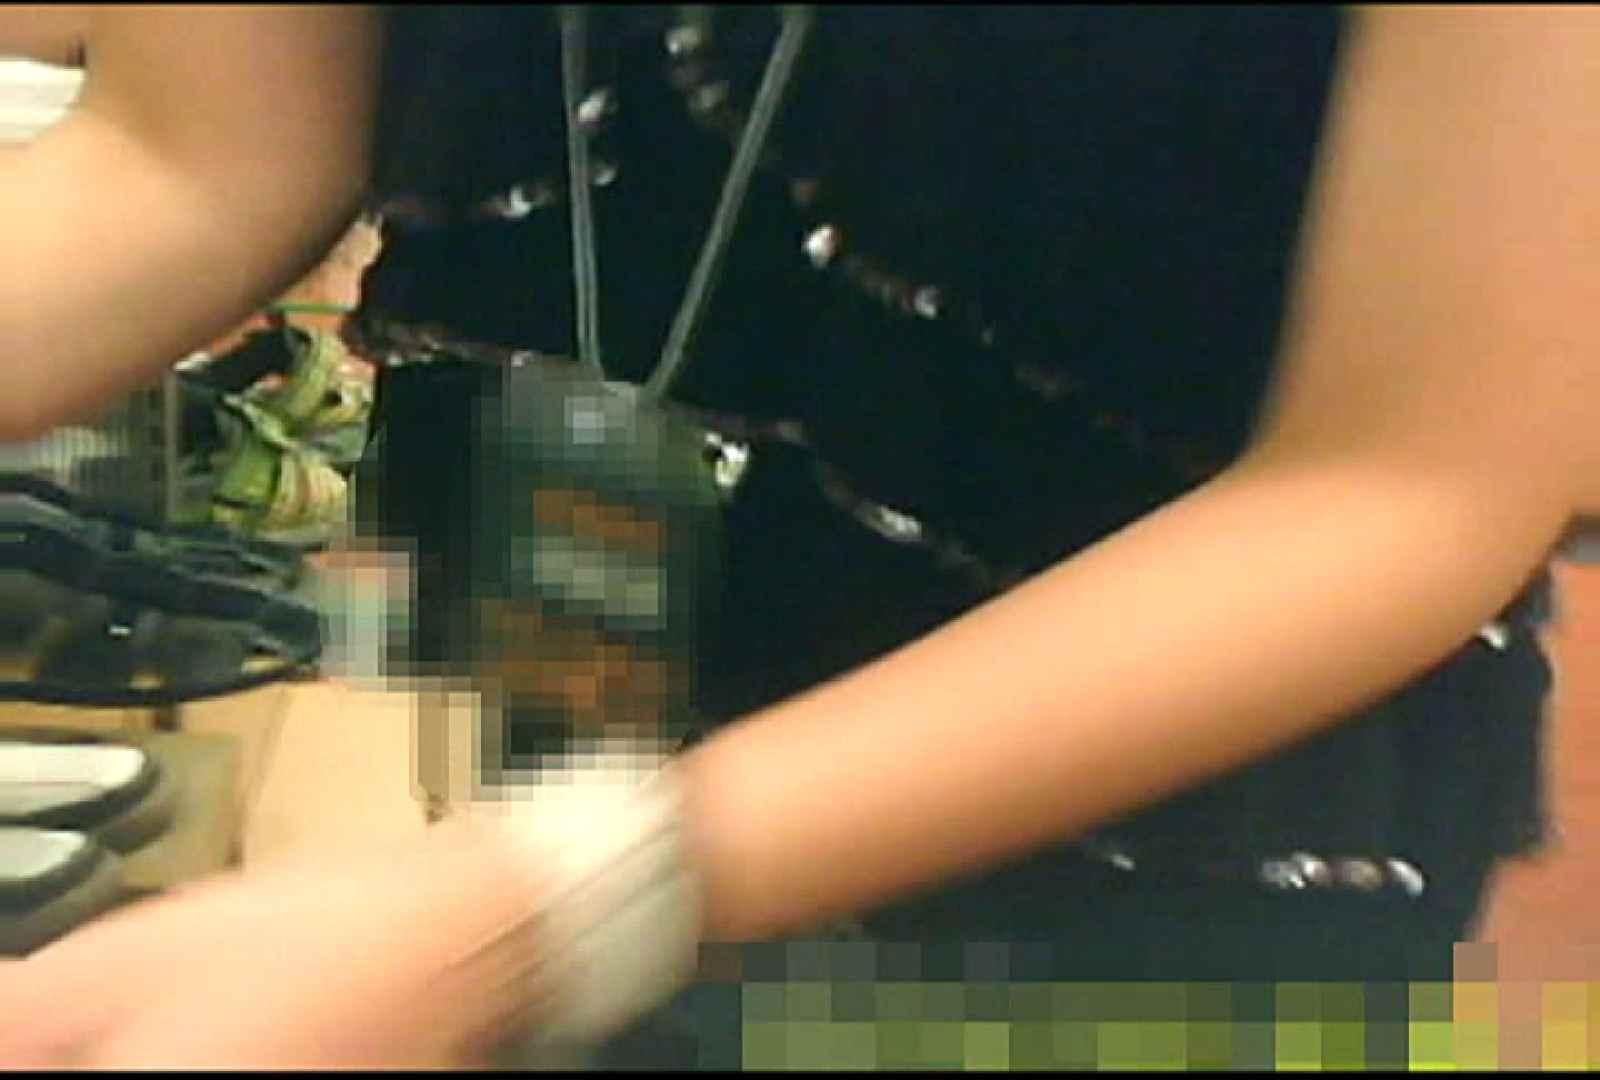 「ノゾキスト」さんの陰撮!!美女サルベージVol.1 エロティックなOL スケベ動画紹介 68画像 18